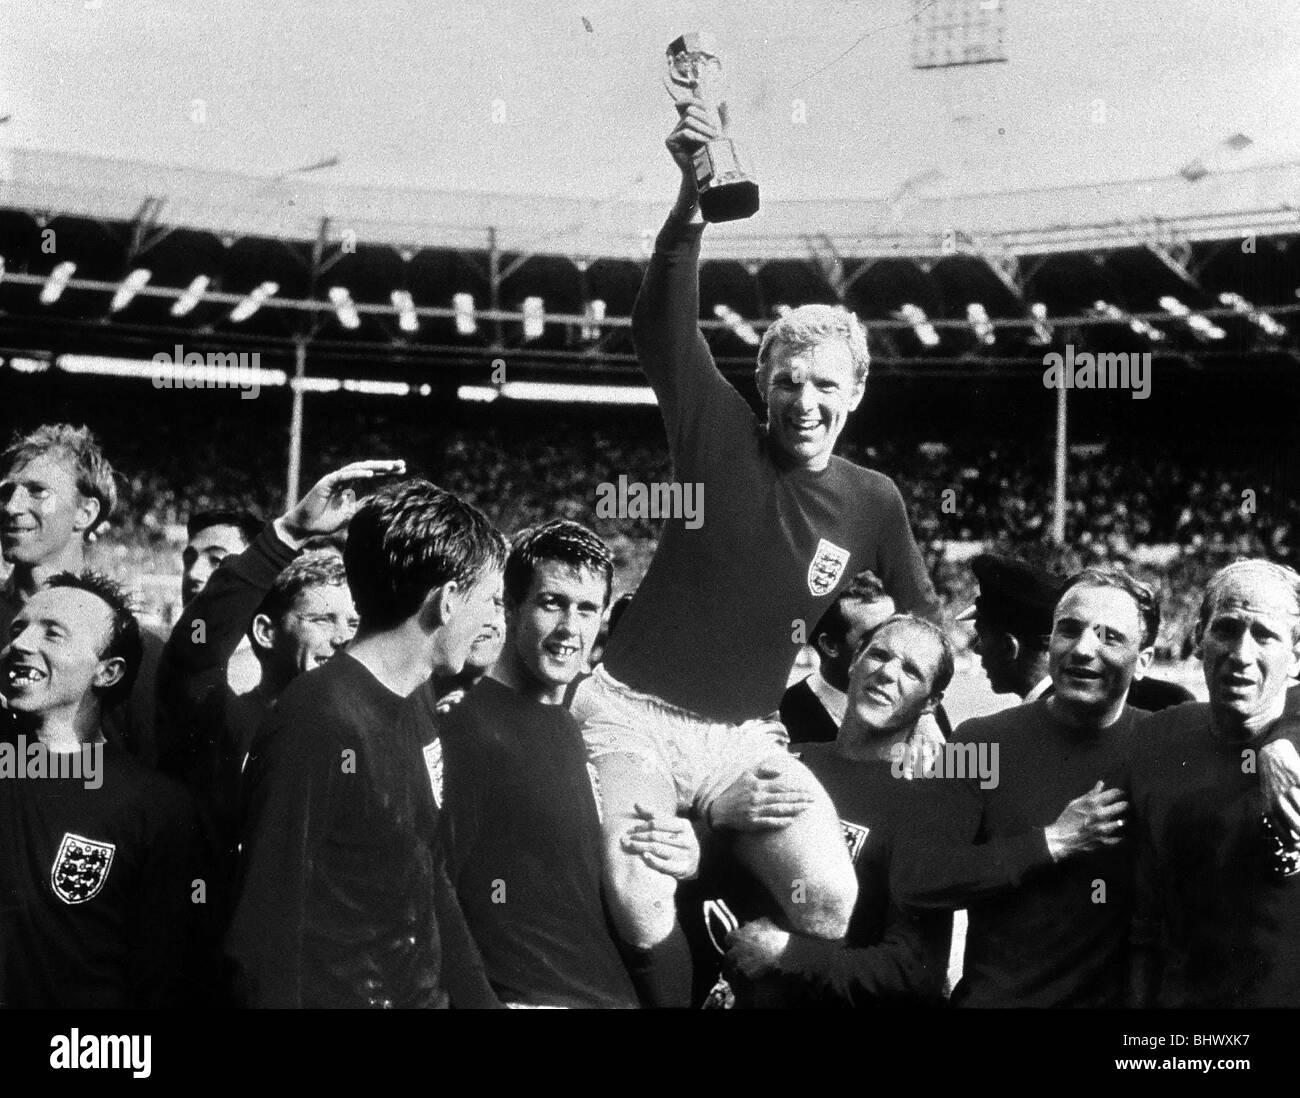 Copa do Mundo Final de julho de 1966 no Estádio de Wembley Inglaterra 4 v Alemanha Ocidental 2 após um Imagens de Stock